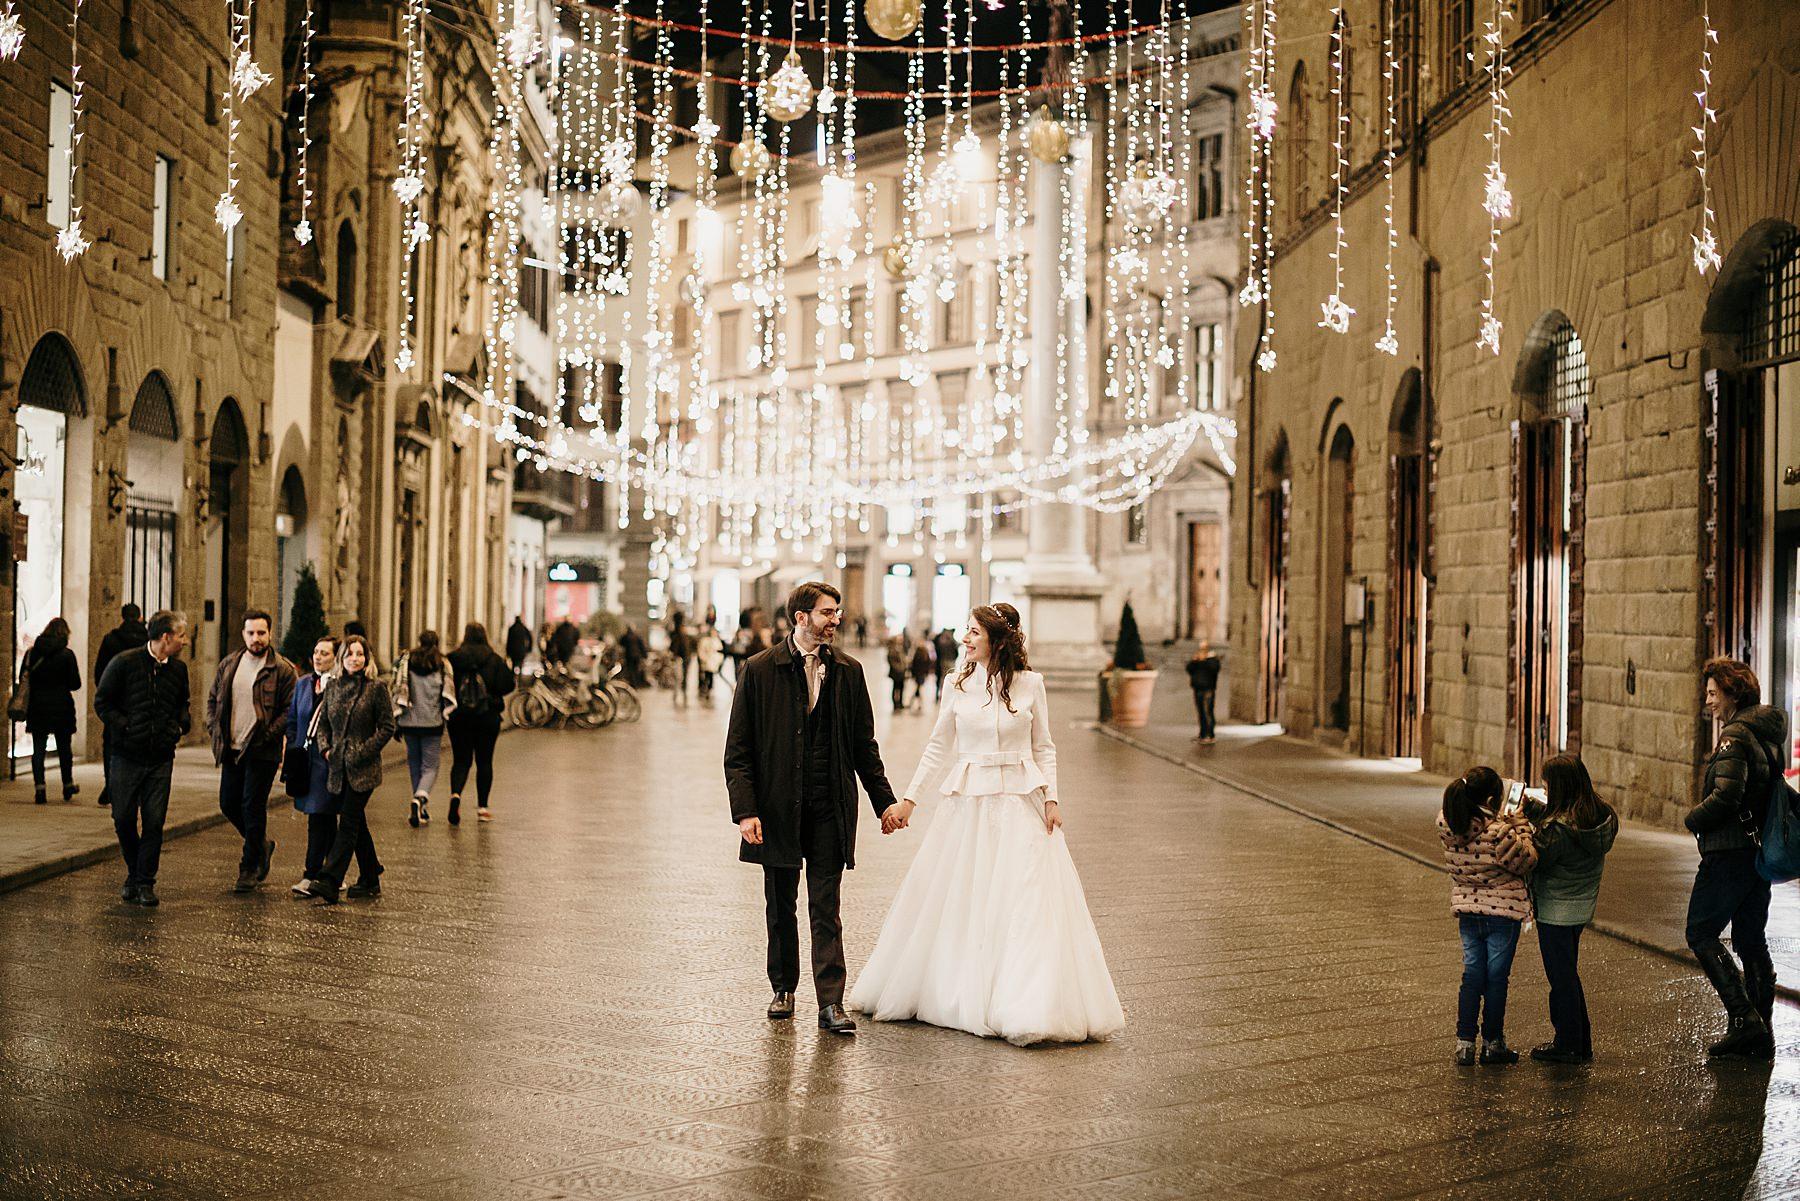 fotografia-di-matrimonio-a-firenze-in-inverno-784.JPG